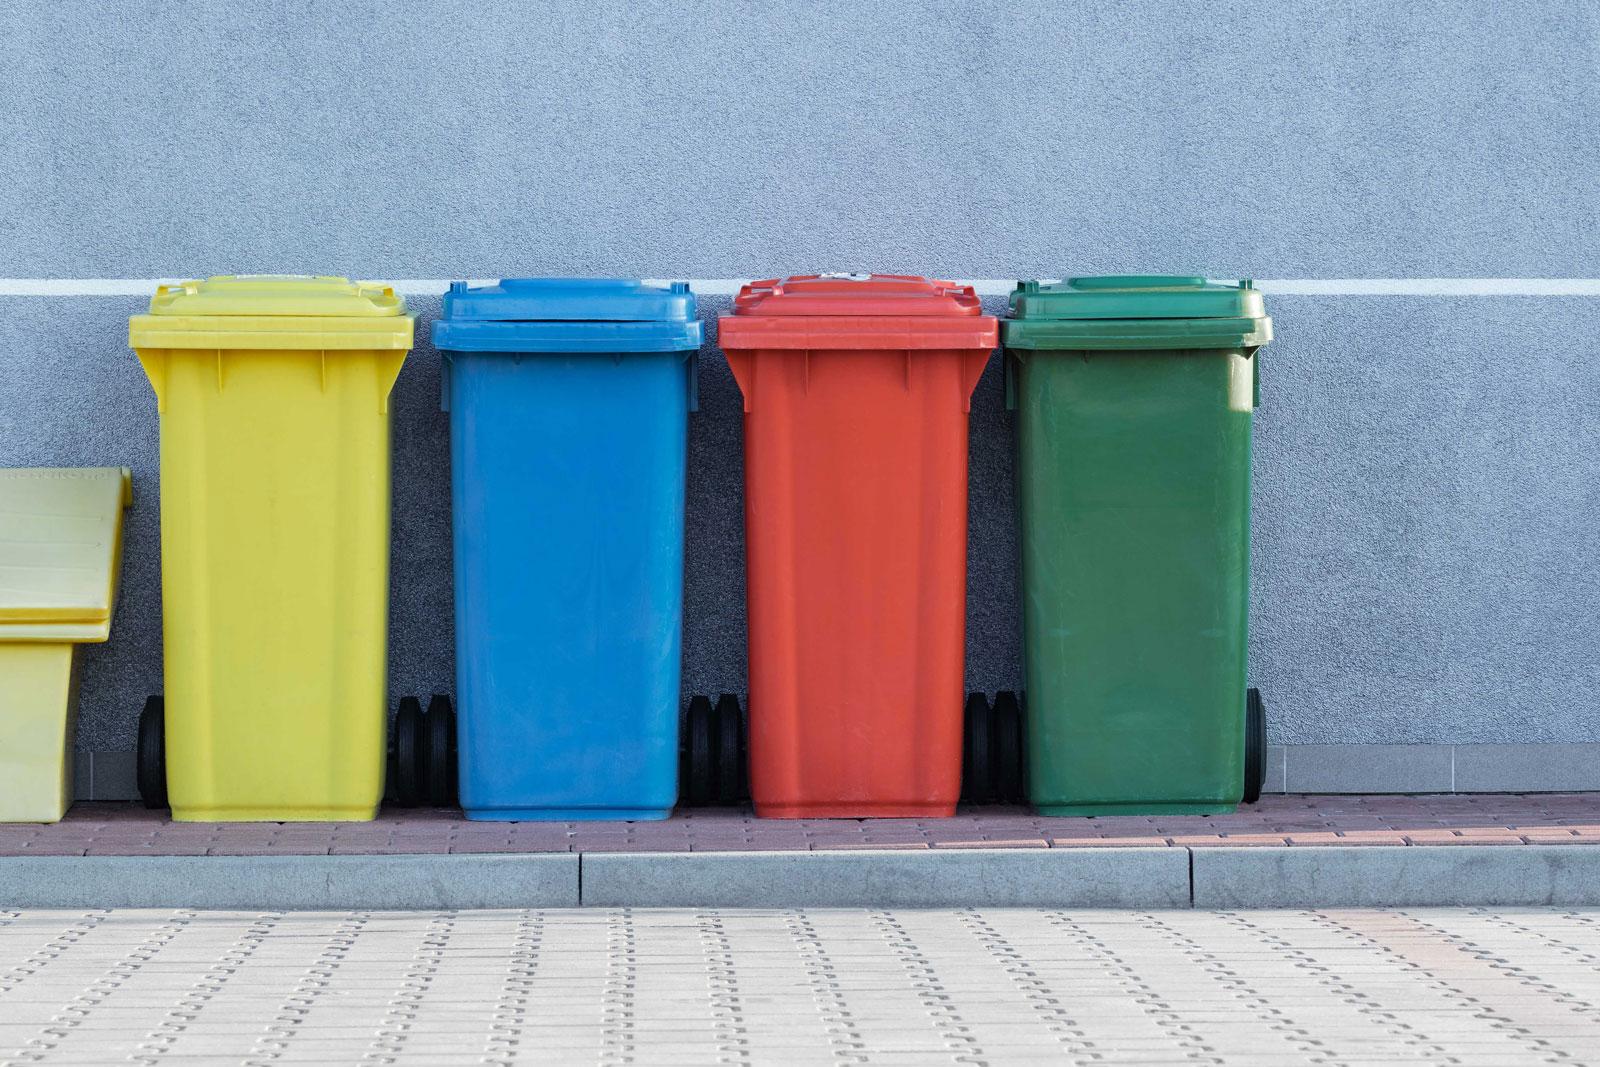 Cubos reciclaje economia circular empleo